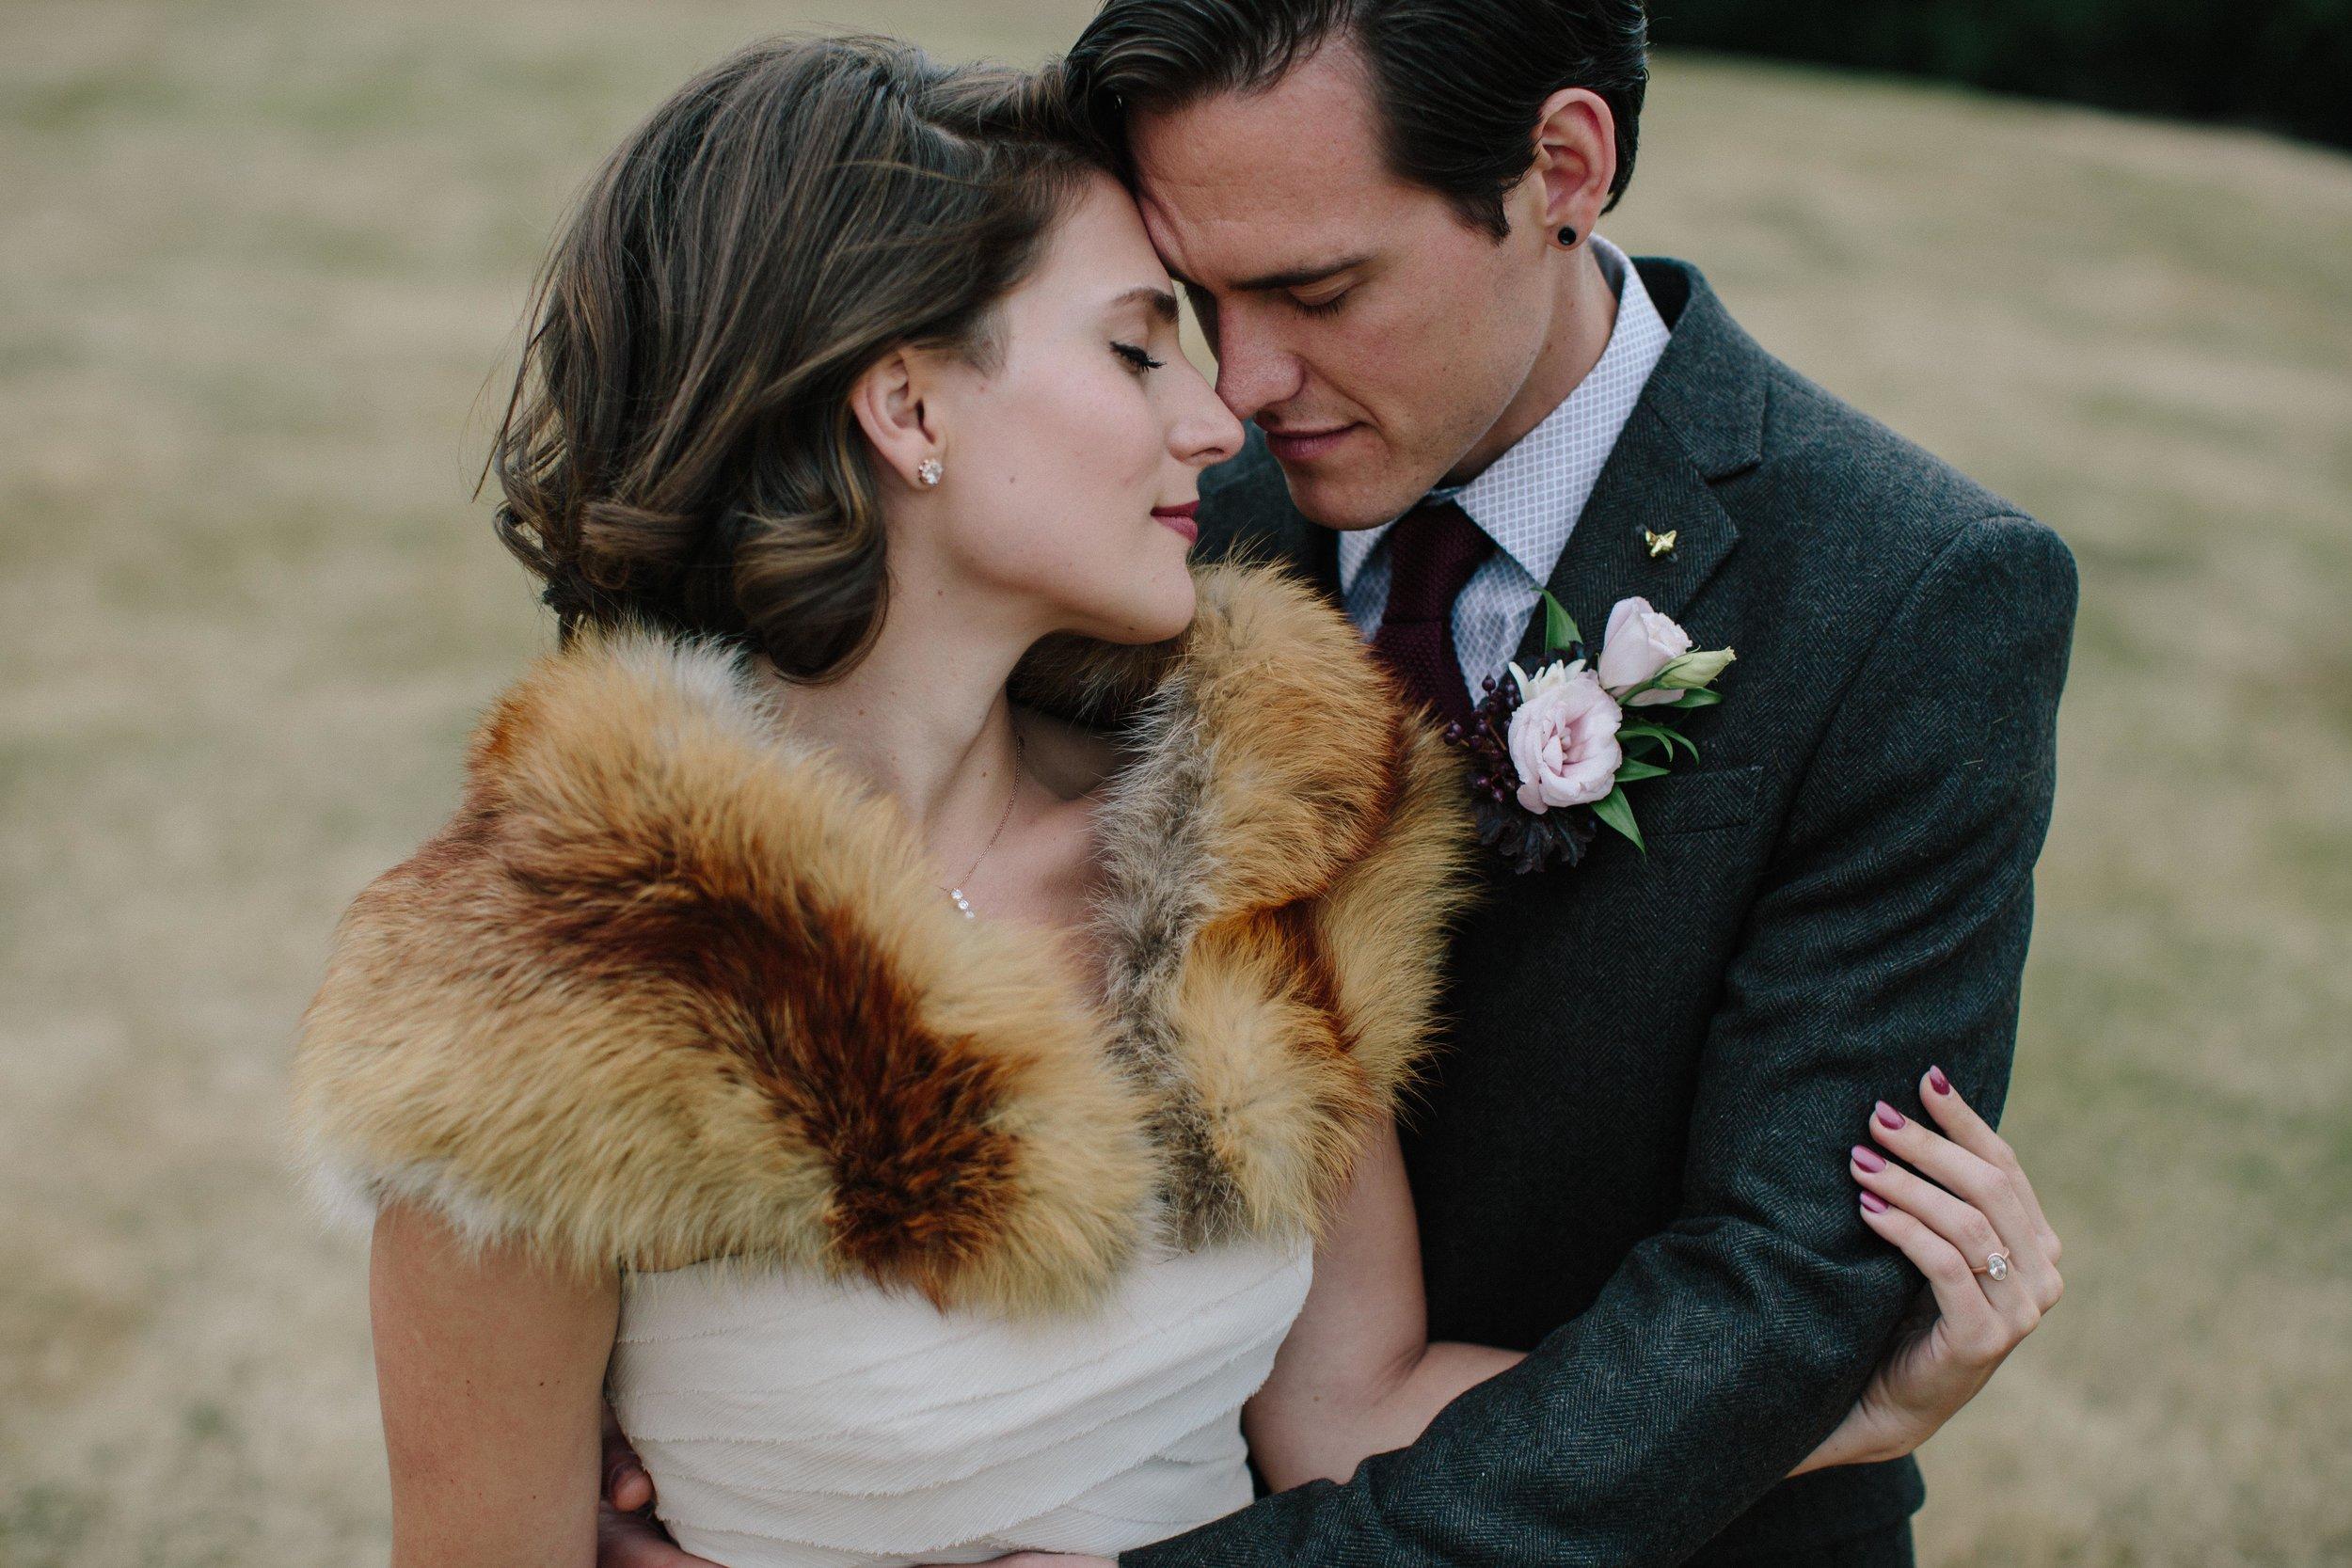 Bride-Groom-New Zealand-Elopement-Romantic.jpg